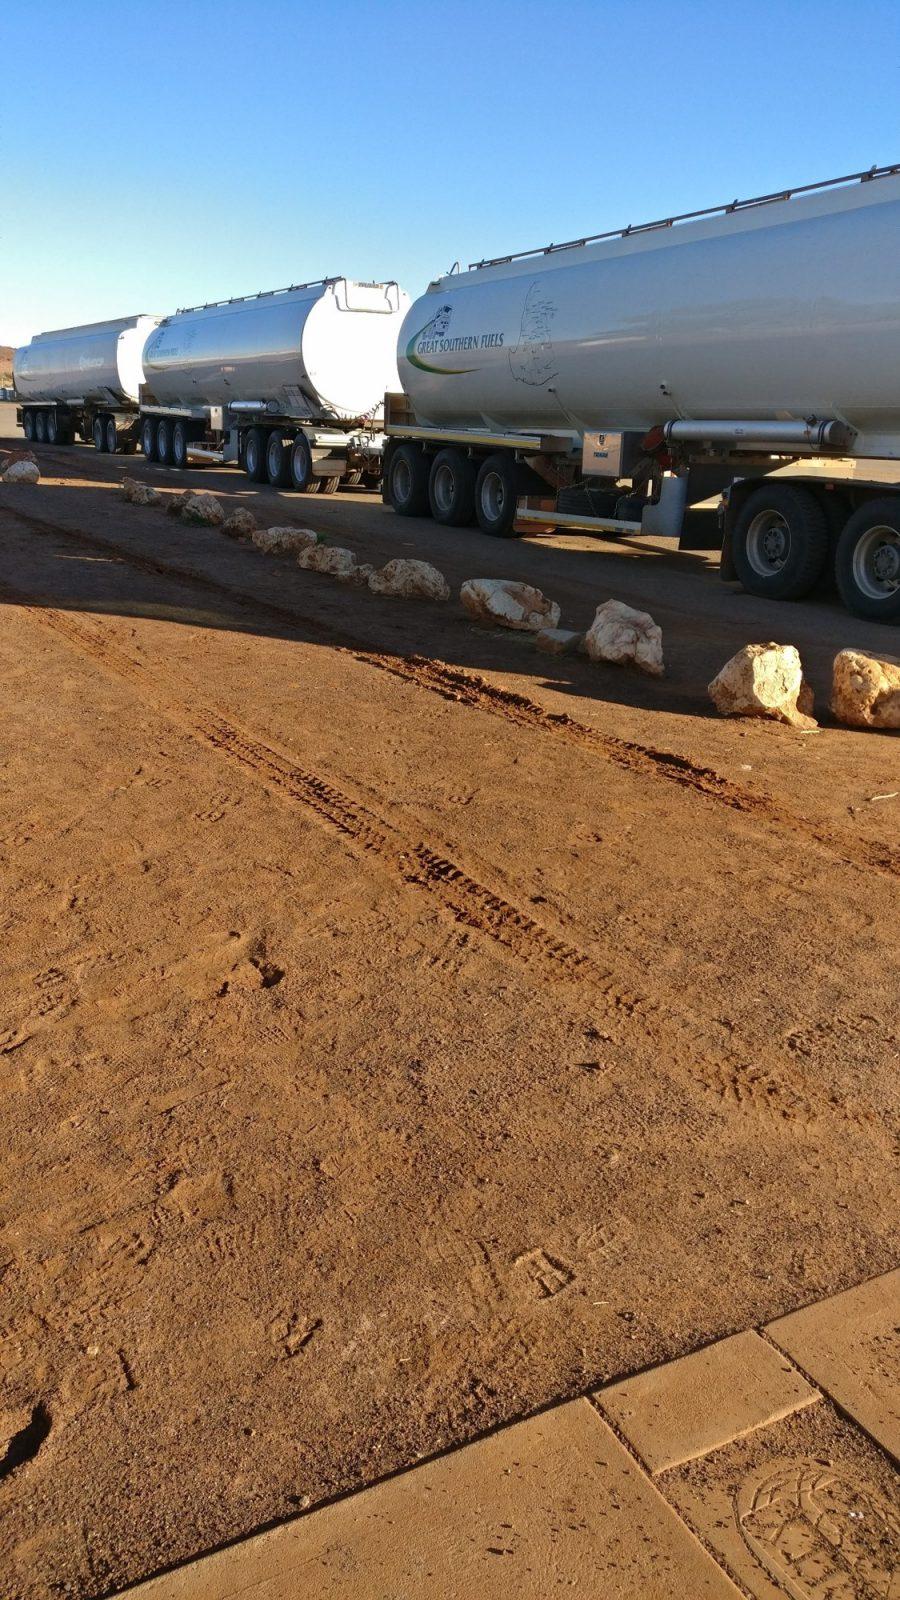 Camions route désert